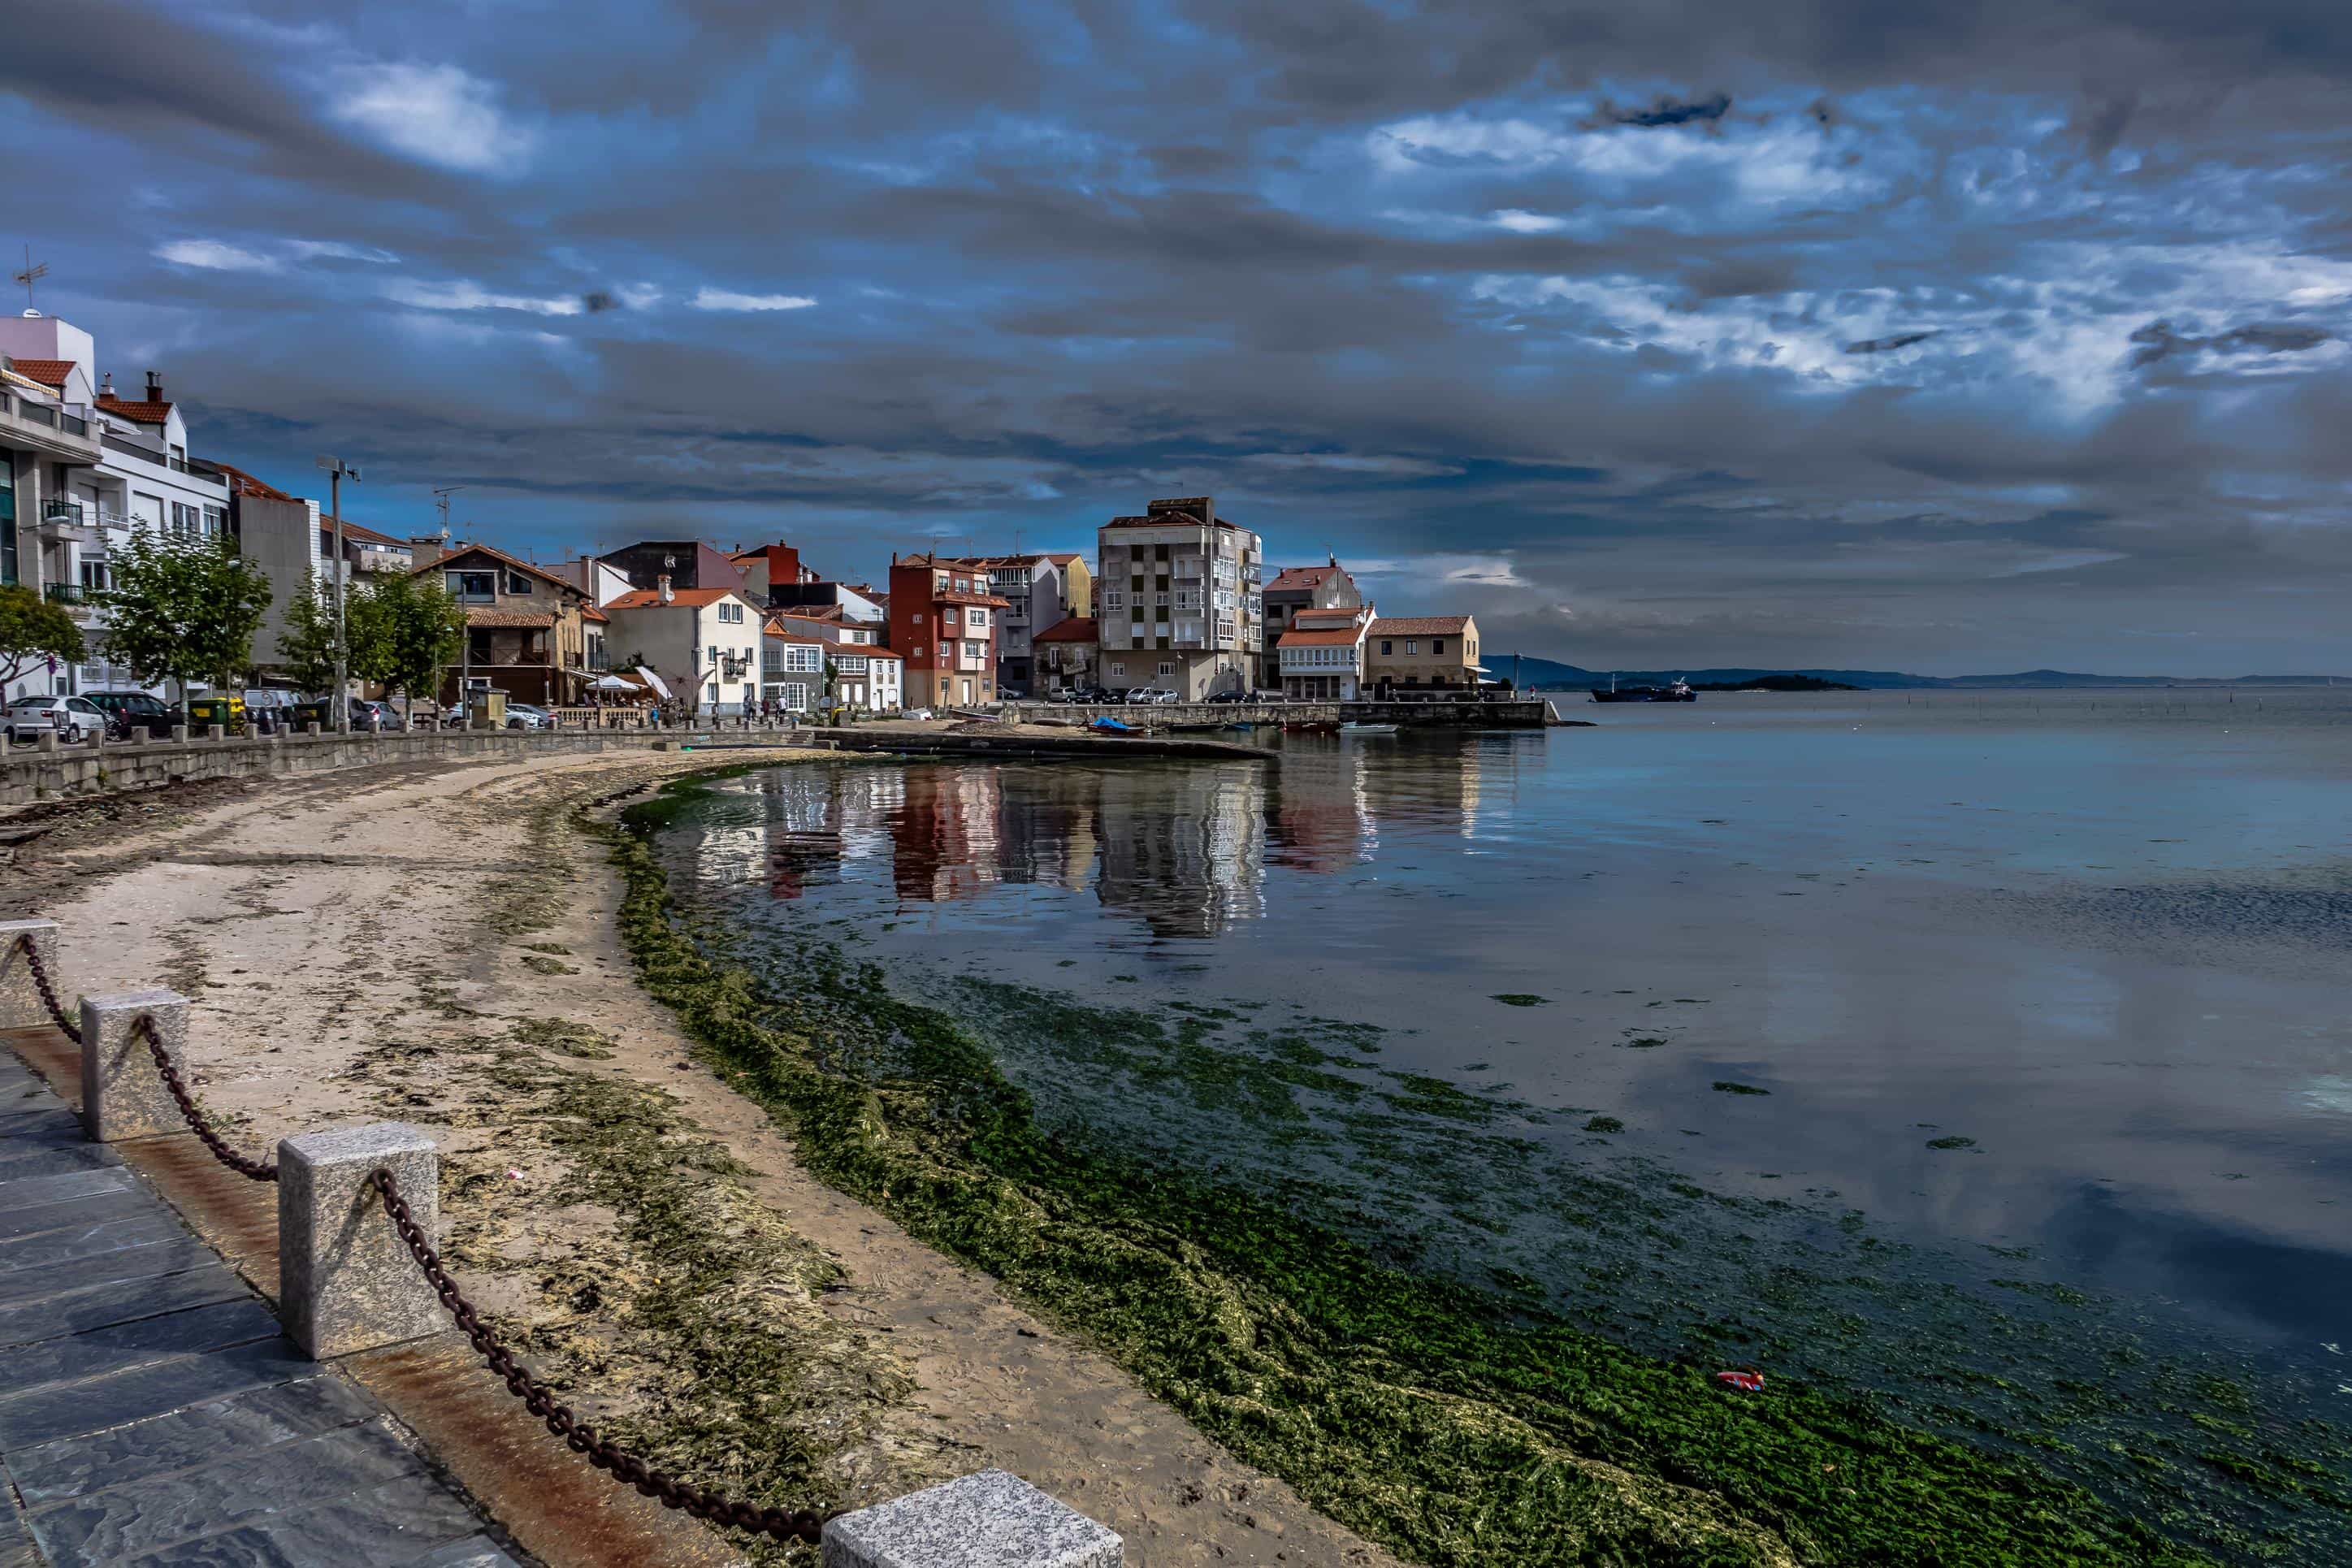 image libre: l'eau, architecture, bord de mer, plage, ville, mer